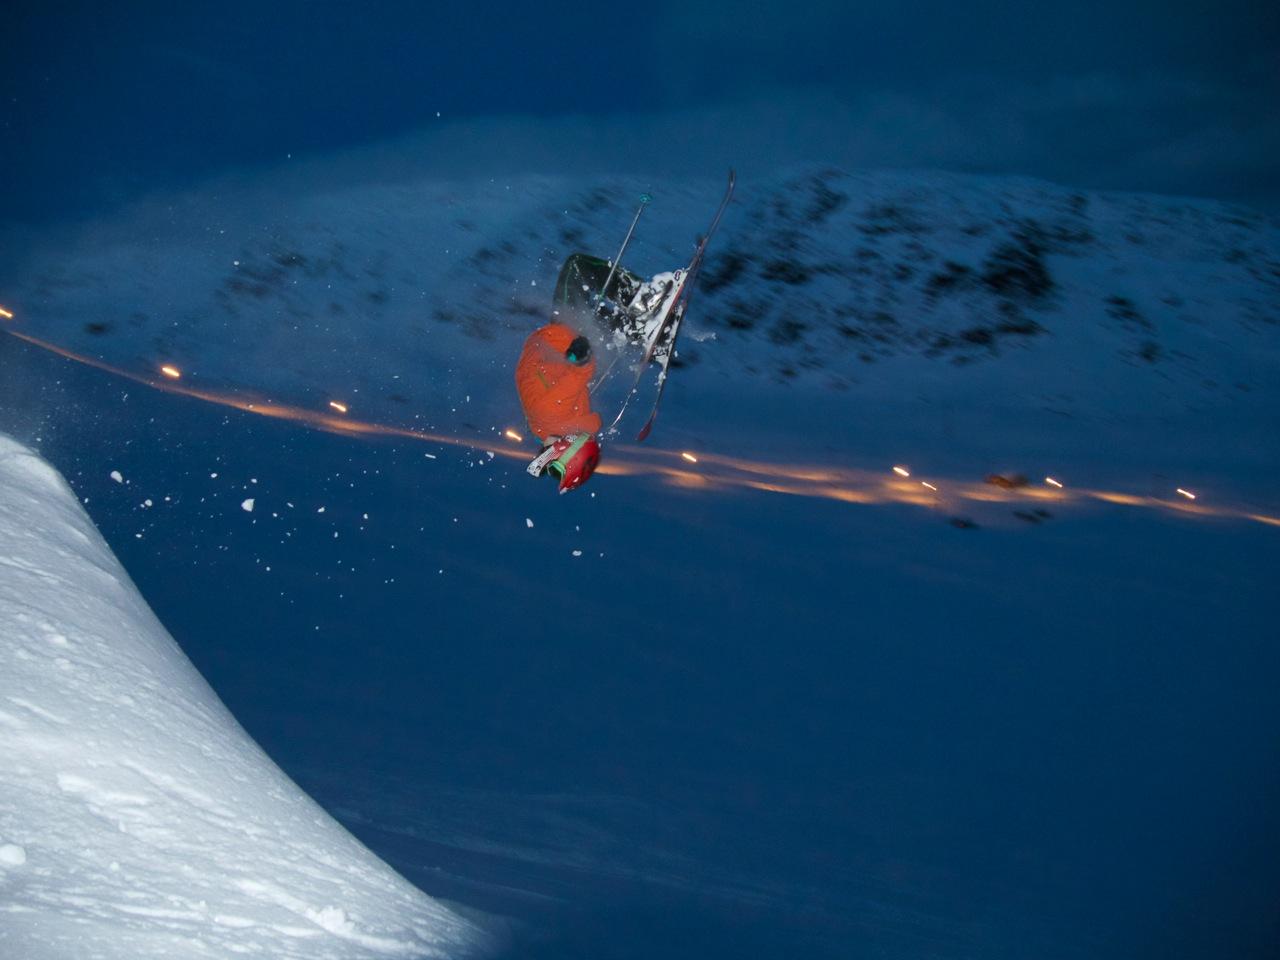 RØLDAL: Det er mer enn enn nok snø til at kidsa kan sette backflips i Røldal. Her er det 11 år gamle Ådne Kvåle som bryter seg på. Bildet ble tatt 1. januar. Foto: Pelle Gangeskar